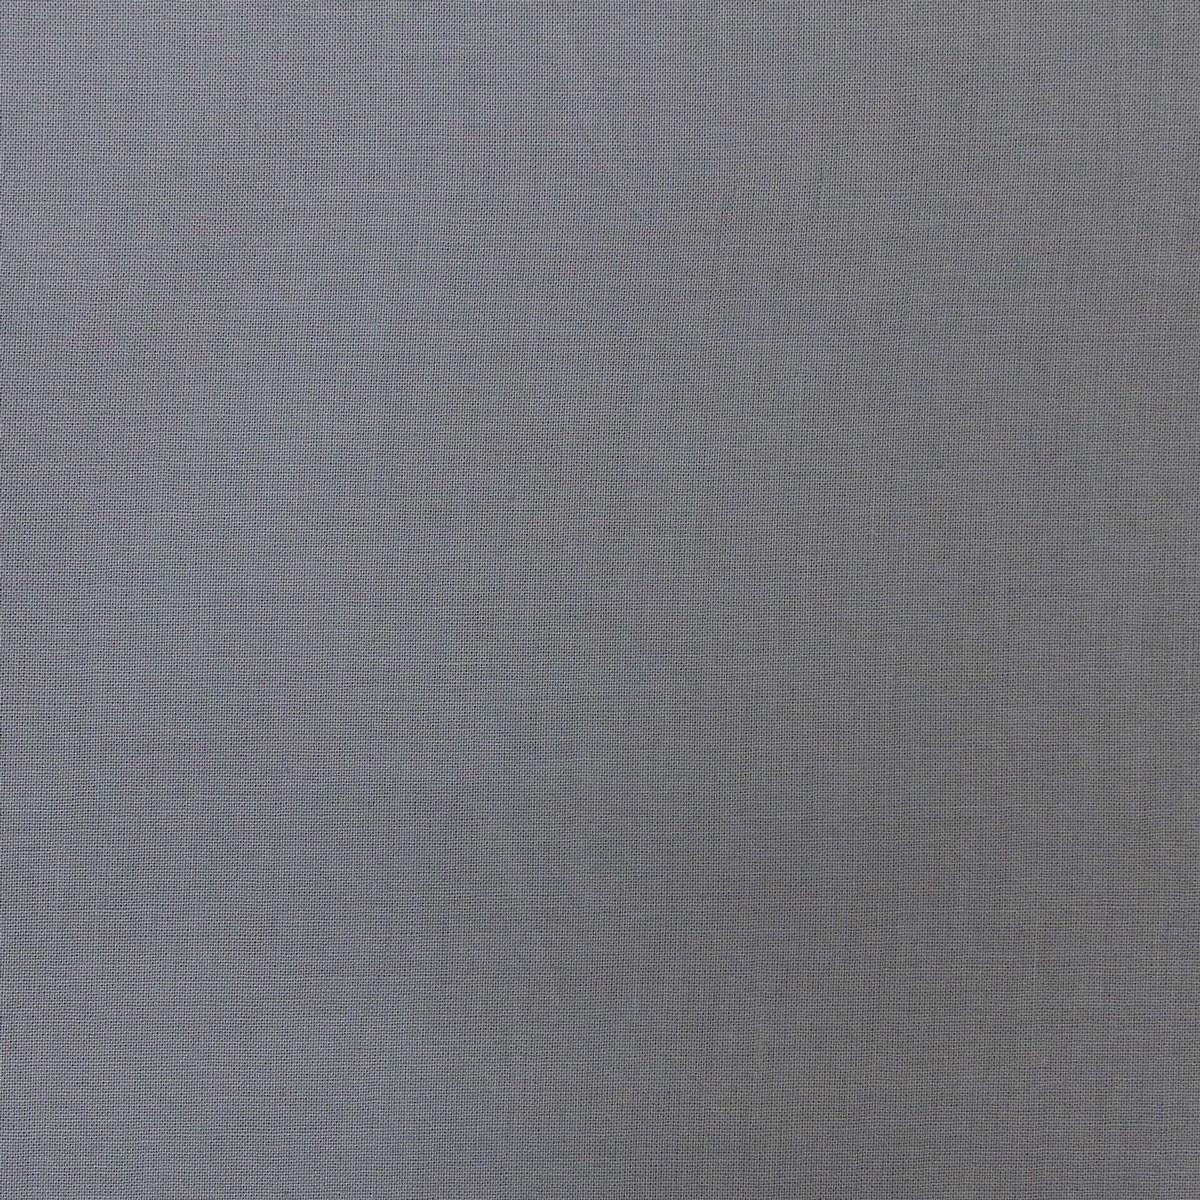 Kreativstoff Baumwollstoff Fahnentuch einfarbig hellgrau 1,45m Breite